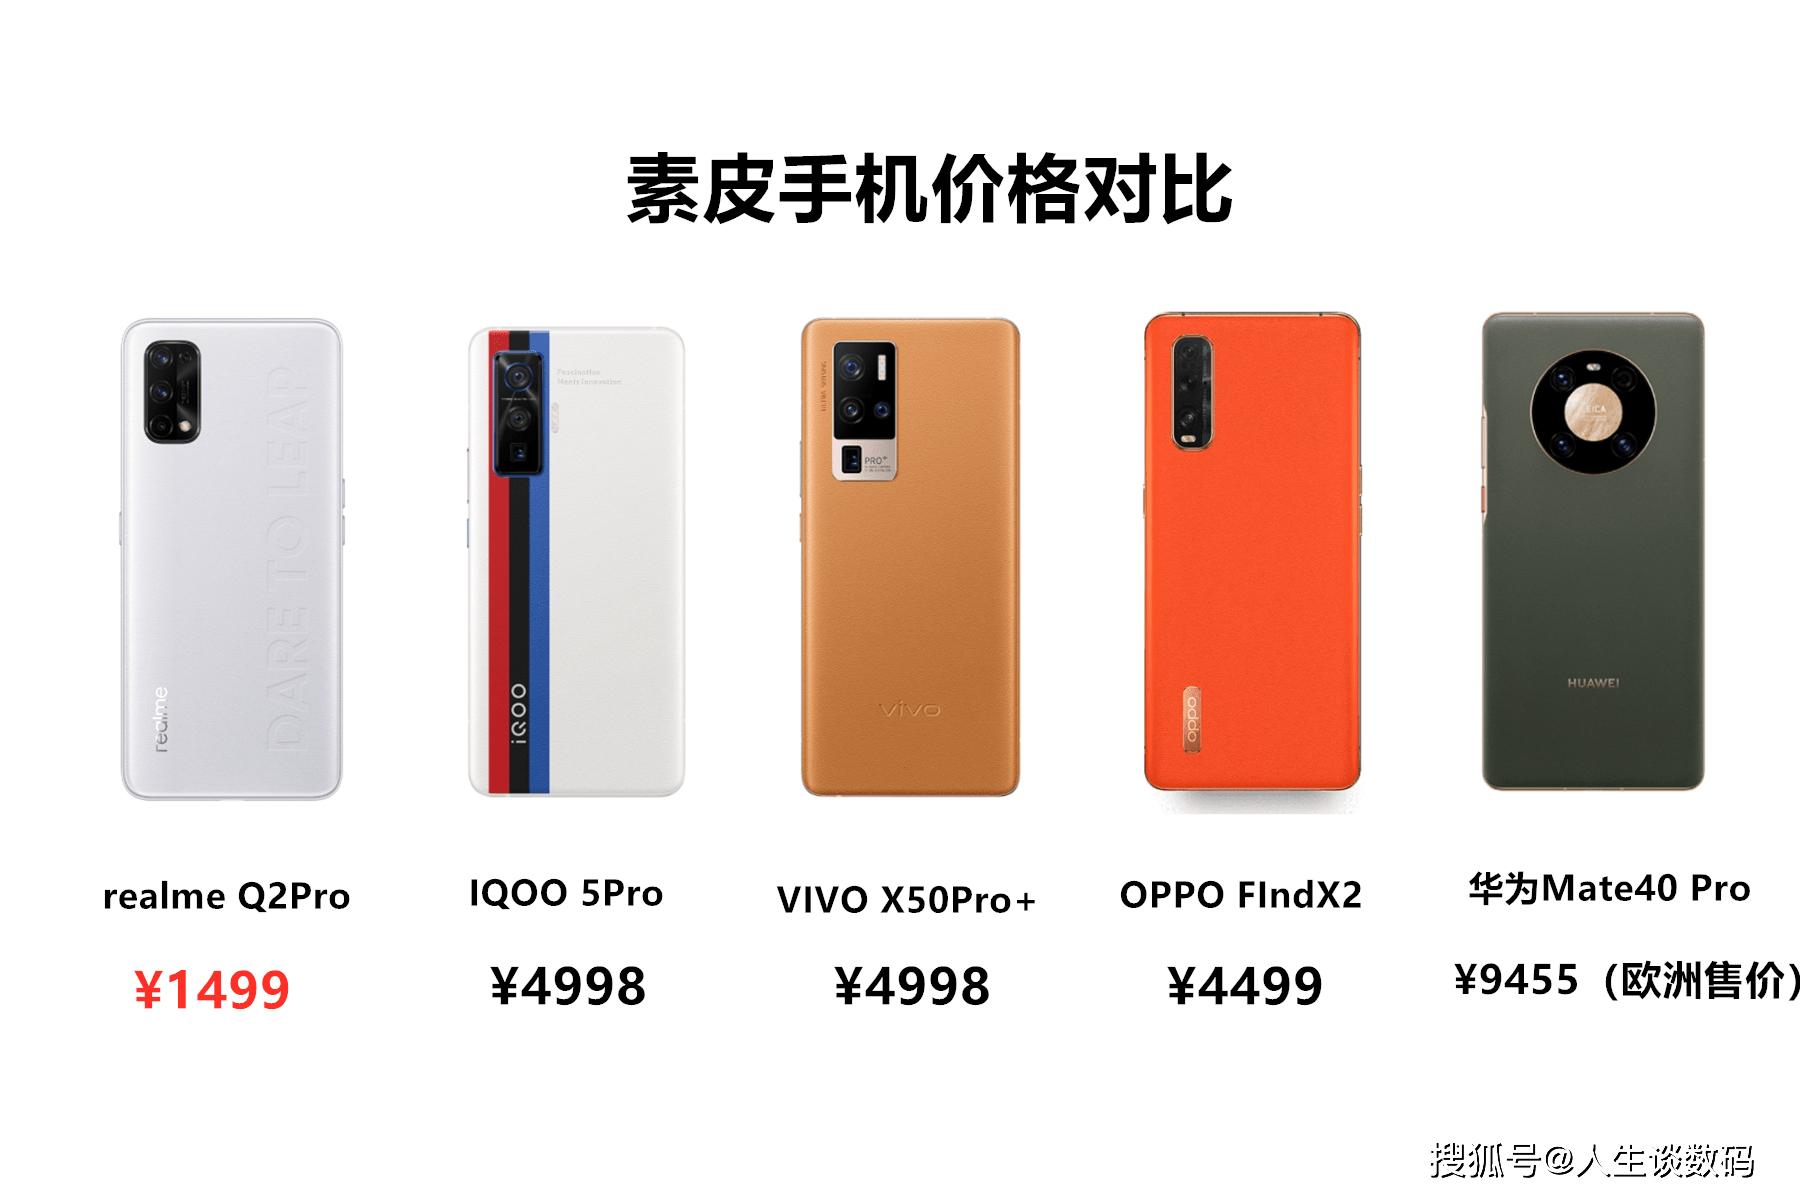 素皮手机价格都高不可攀?realme表示不同意